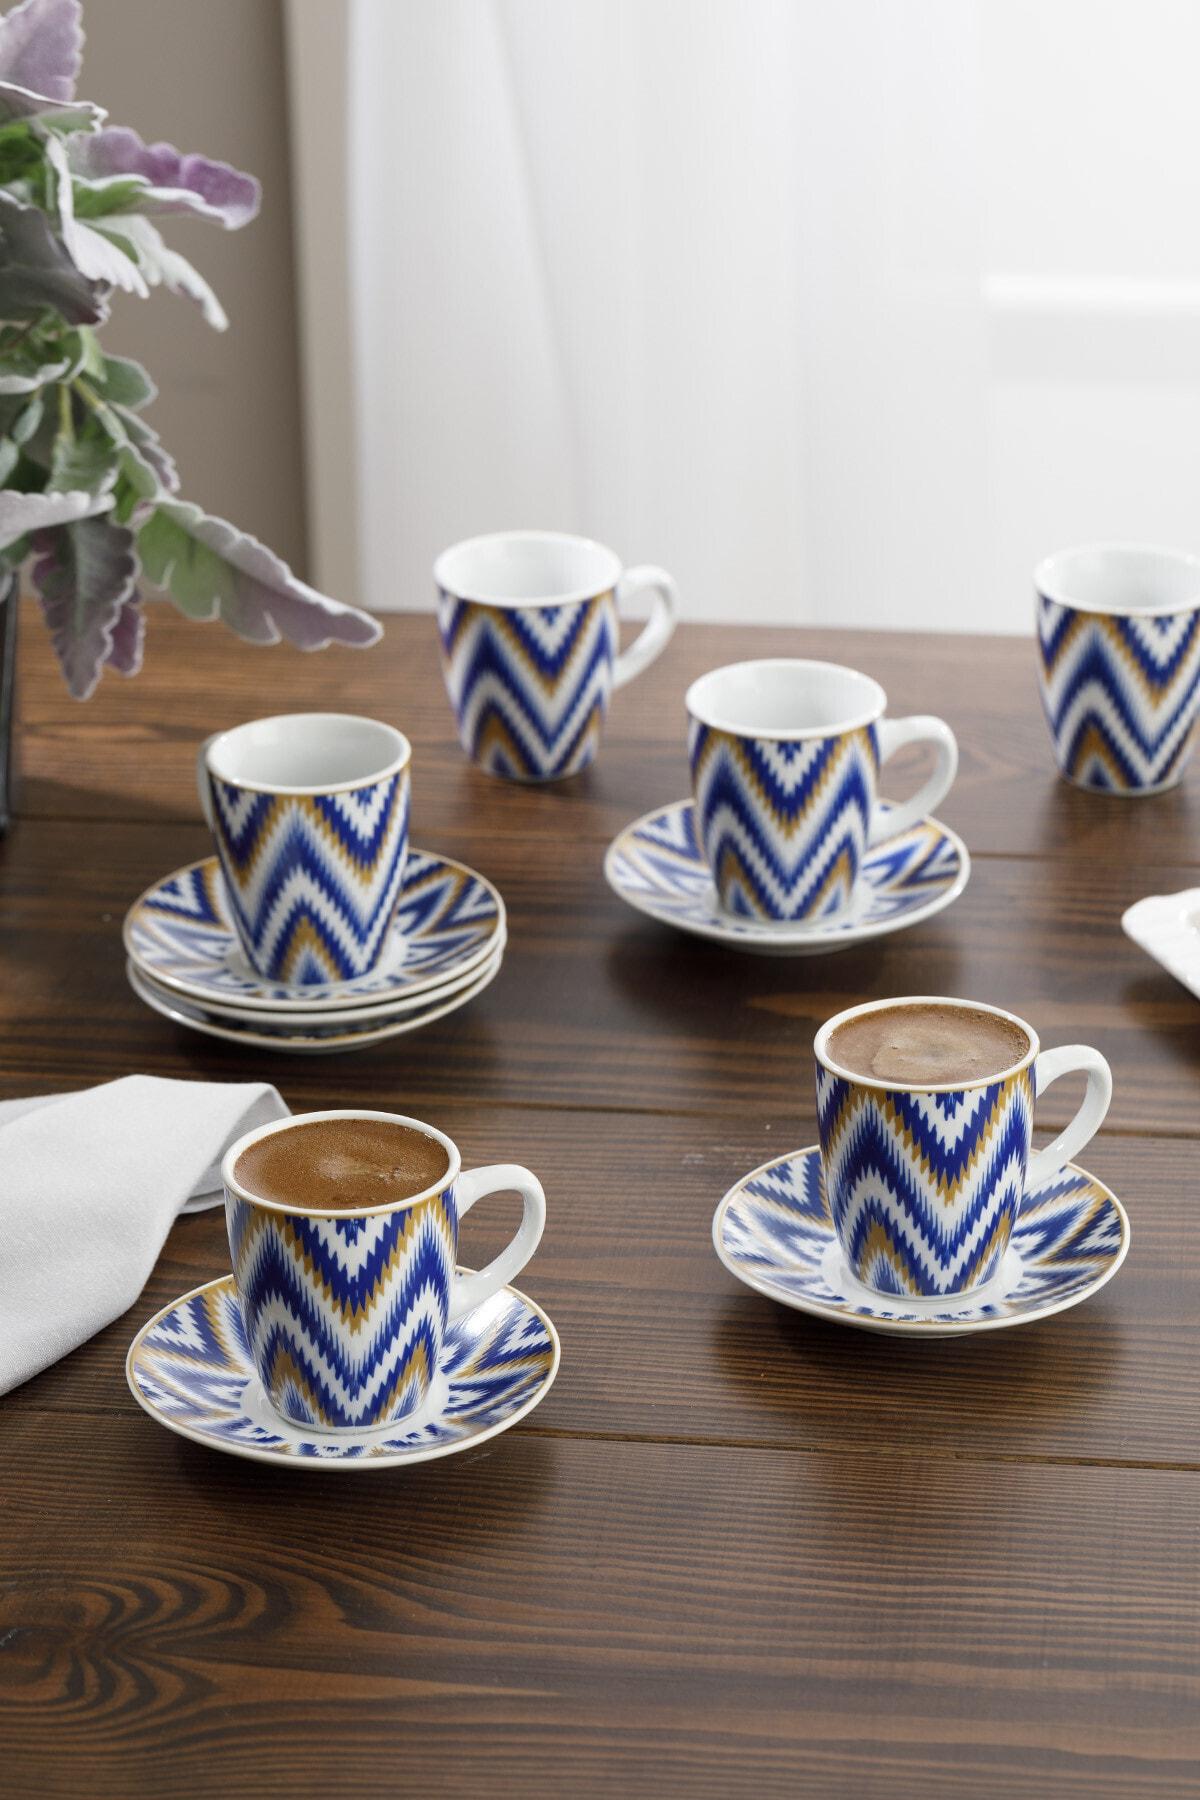 Eva Porselen 6'lı Kahve Fincan Takımı 100 ml Mavi